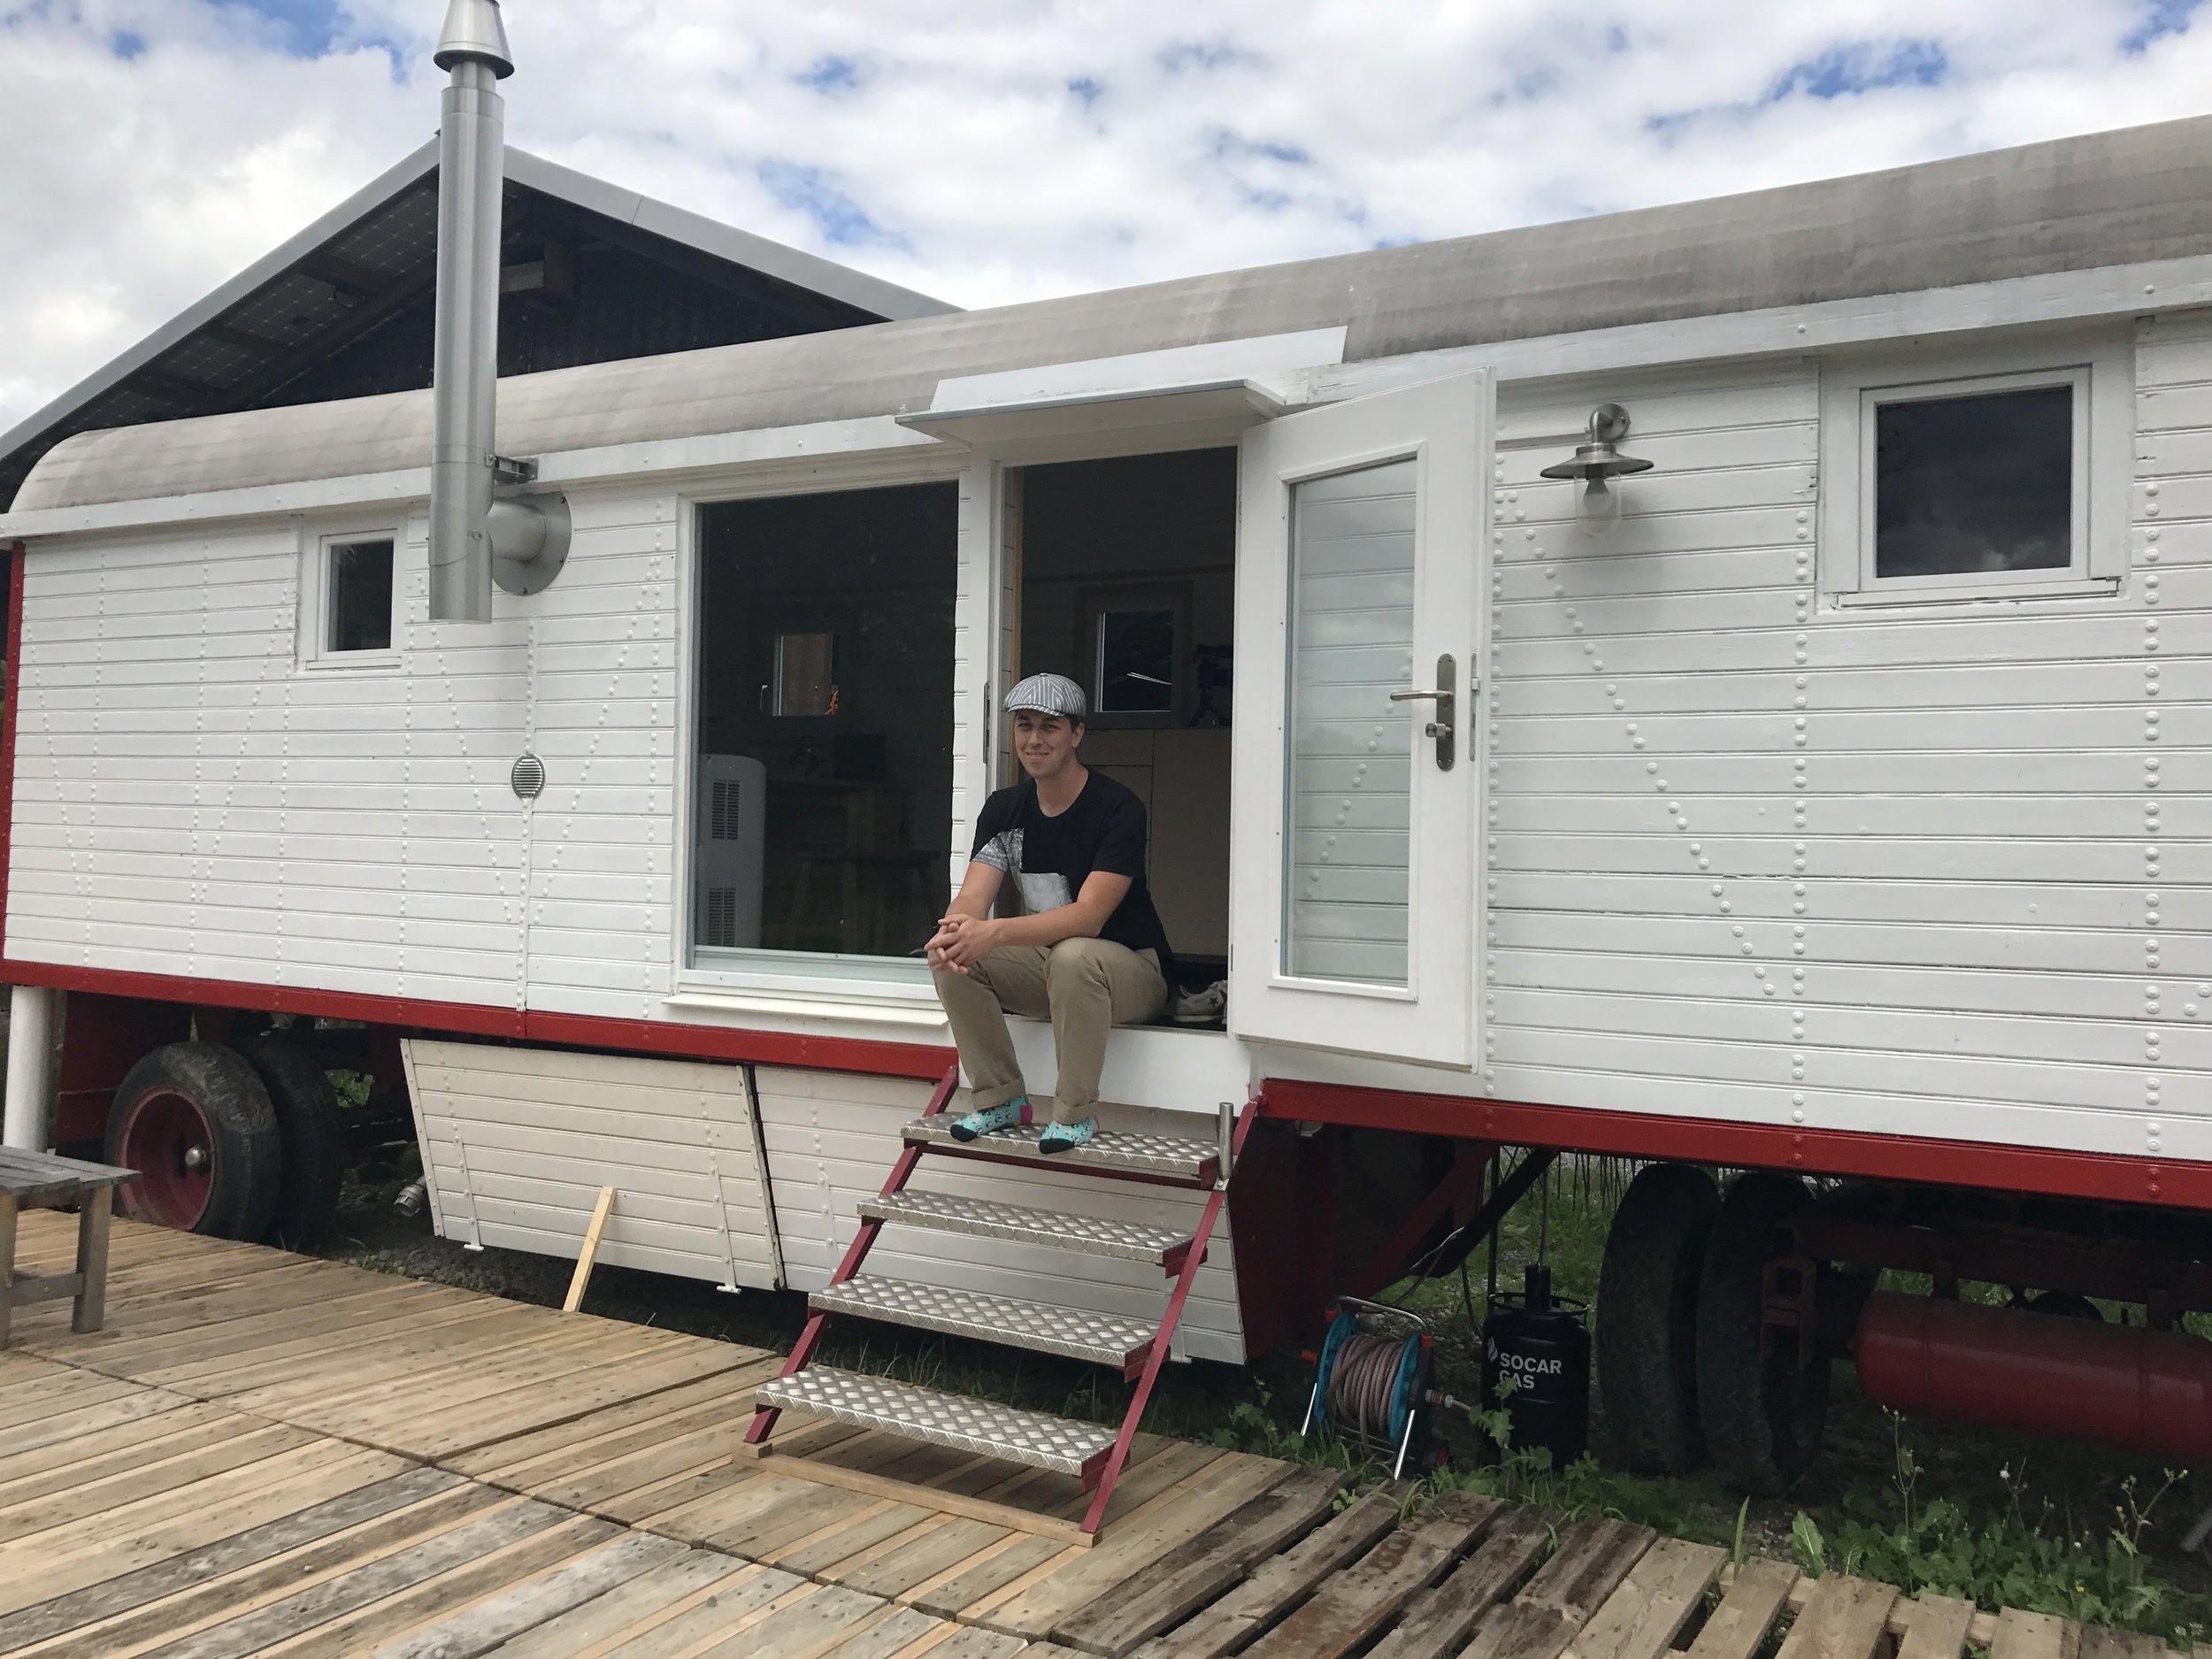 So lebt es sich im Zuhause der Zukunft.  IT-Unternehmer Kevin Rechsteiner hat einen Zirkuswagen umgebaut und mit neuster Technologie ausgerüstet. Tagesanzeiger.ch/Newsnet hat ihn besucht.    Tagesanzeiger/Newsnet 1. 8. 2017